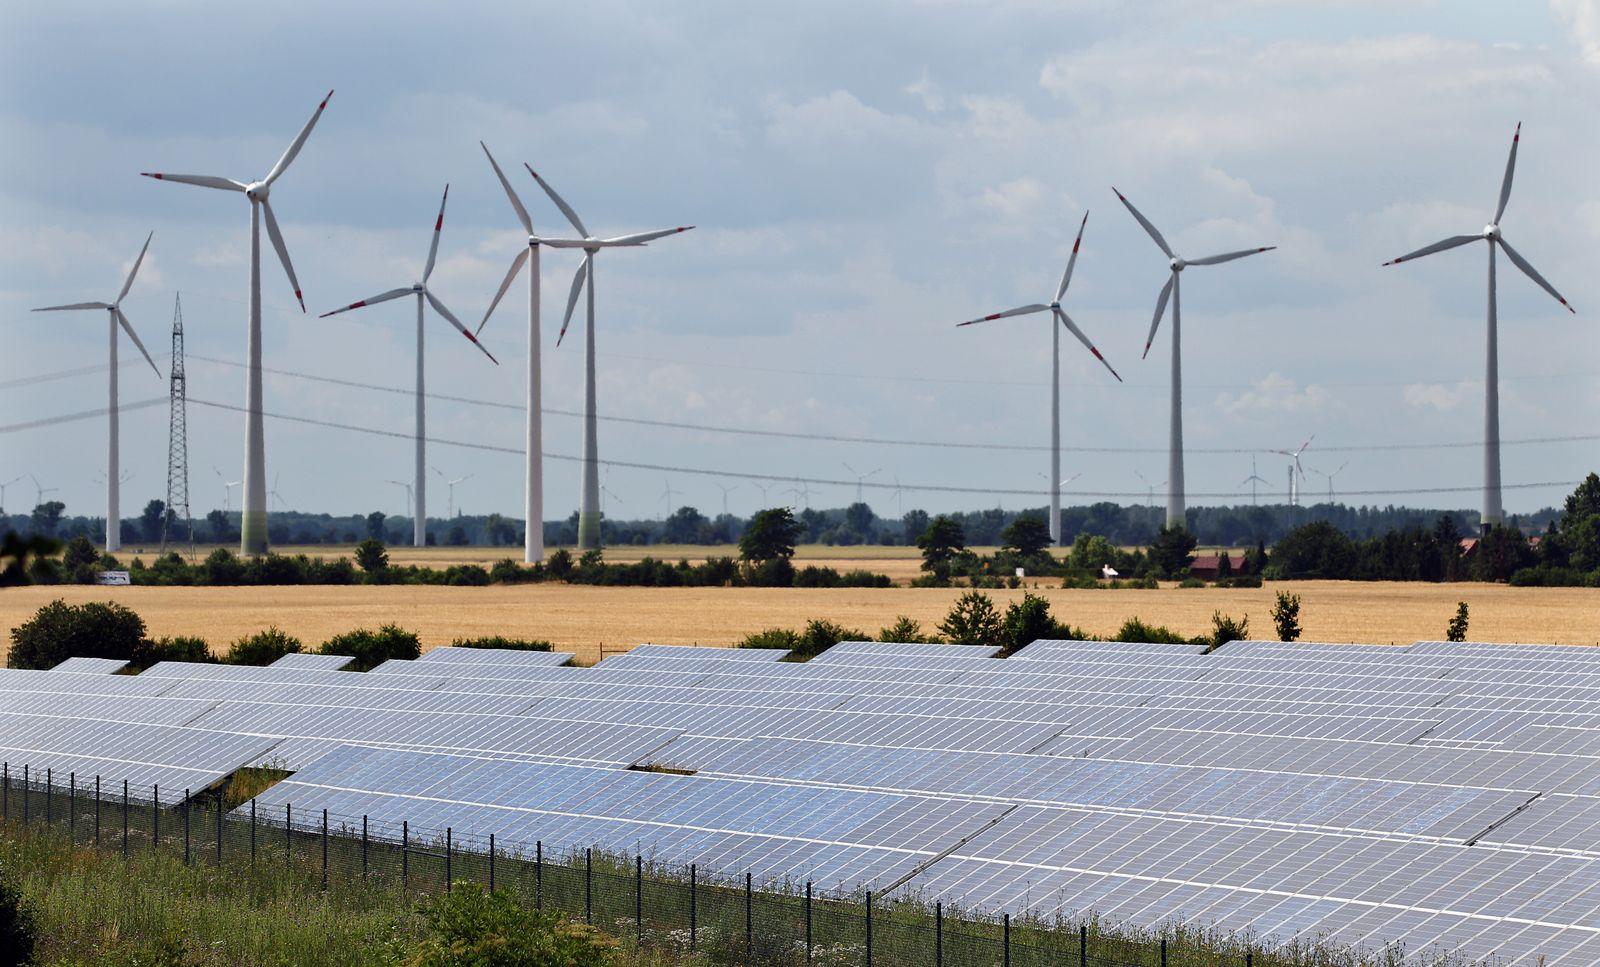 Rösler fordert Systemwechsel beim Ausbau erneuerbarer Energien